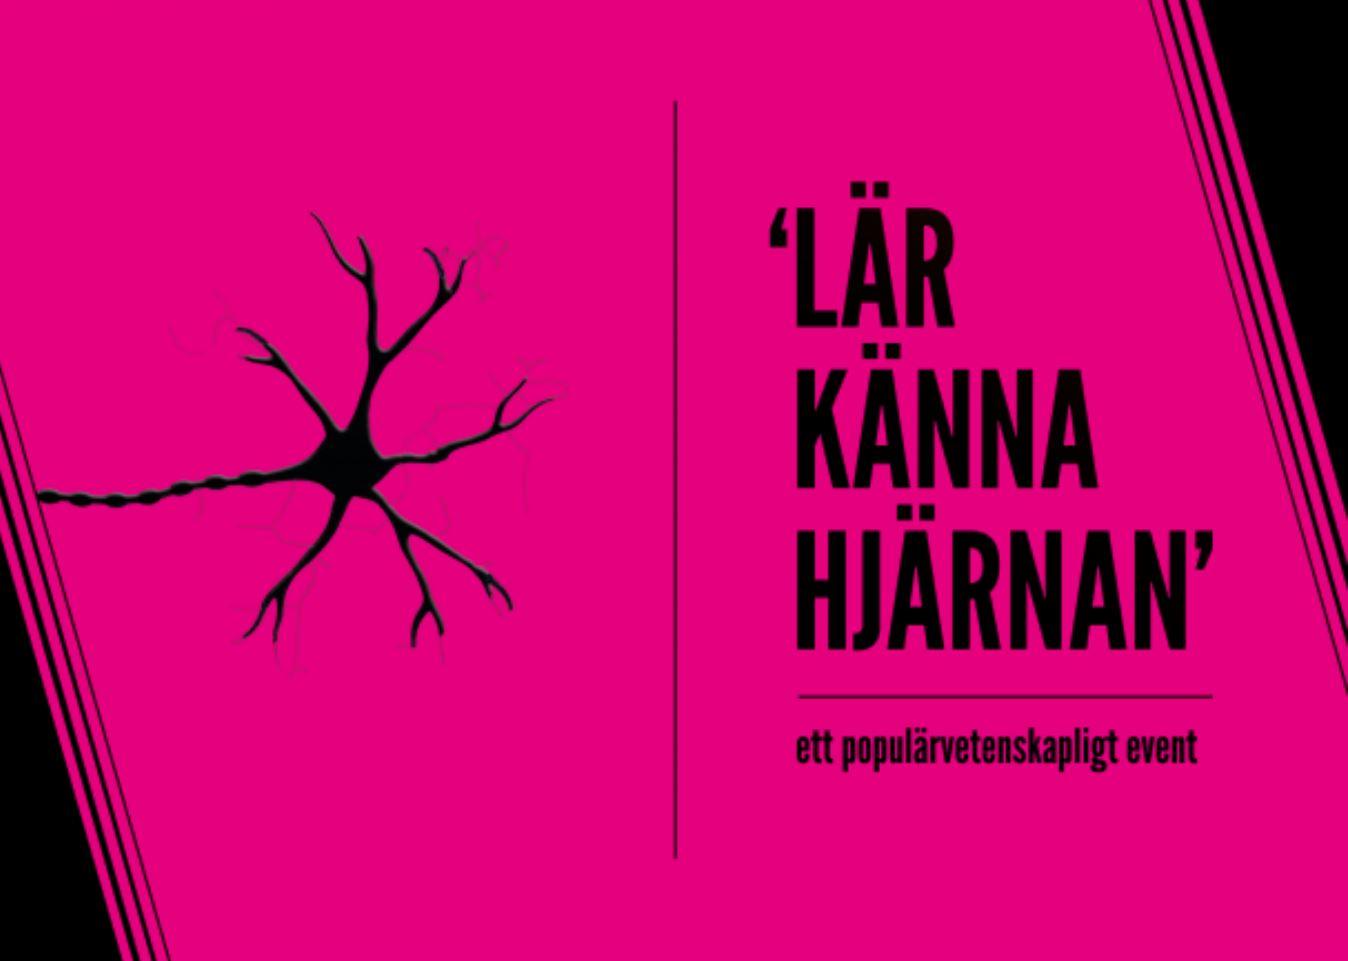 Lär känna hjärnan - ett populärvetenskapligt event i Stadshallen